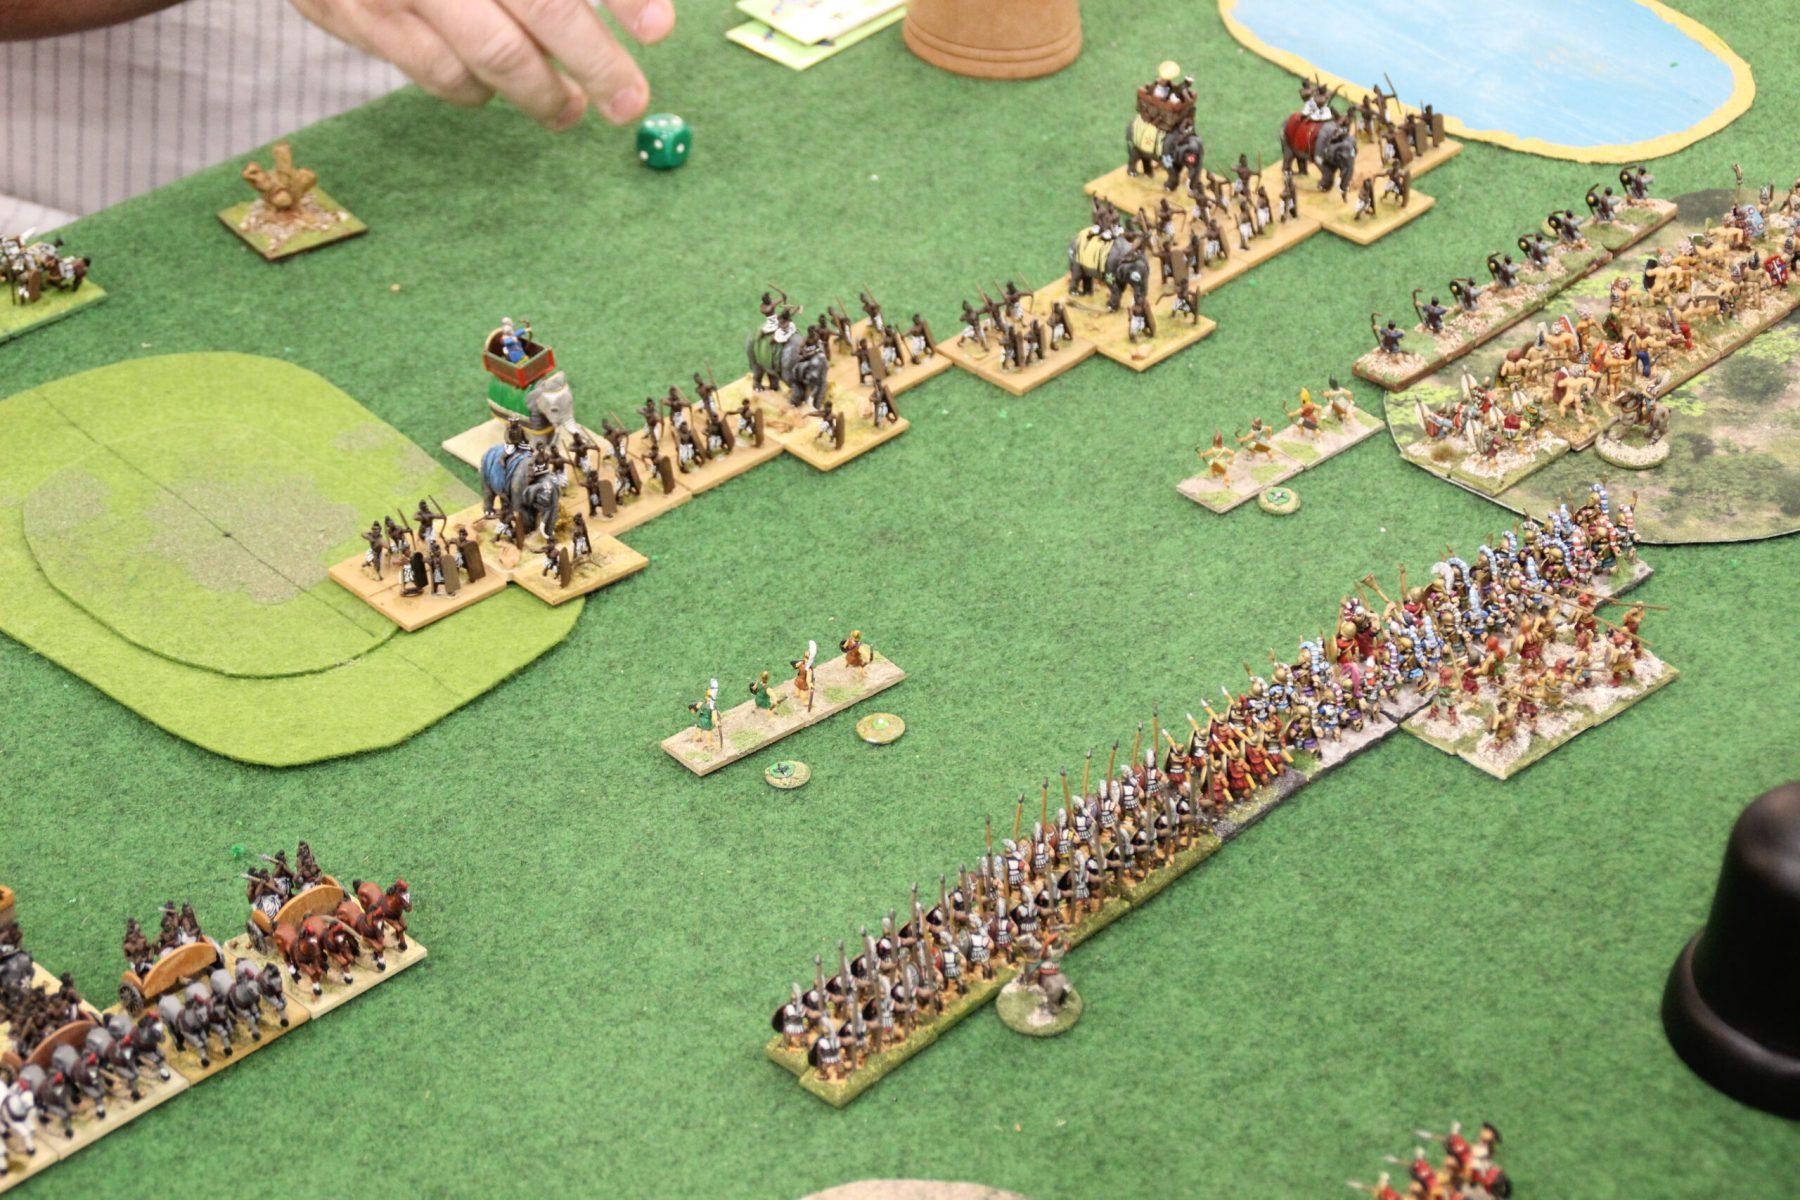 Vue aérienne du champ de bataille opposants les Indiens aux Spartiates